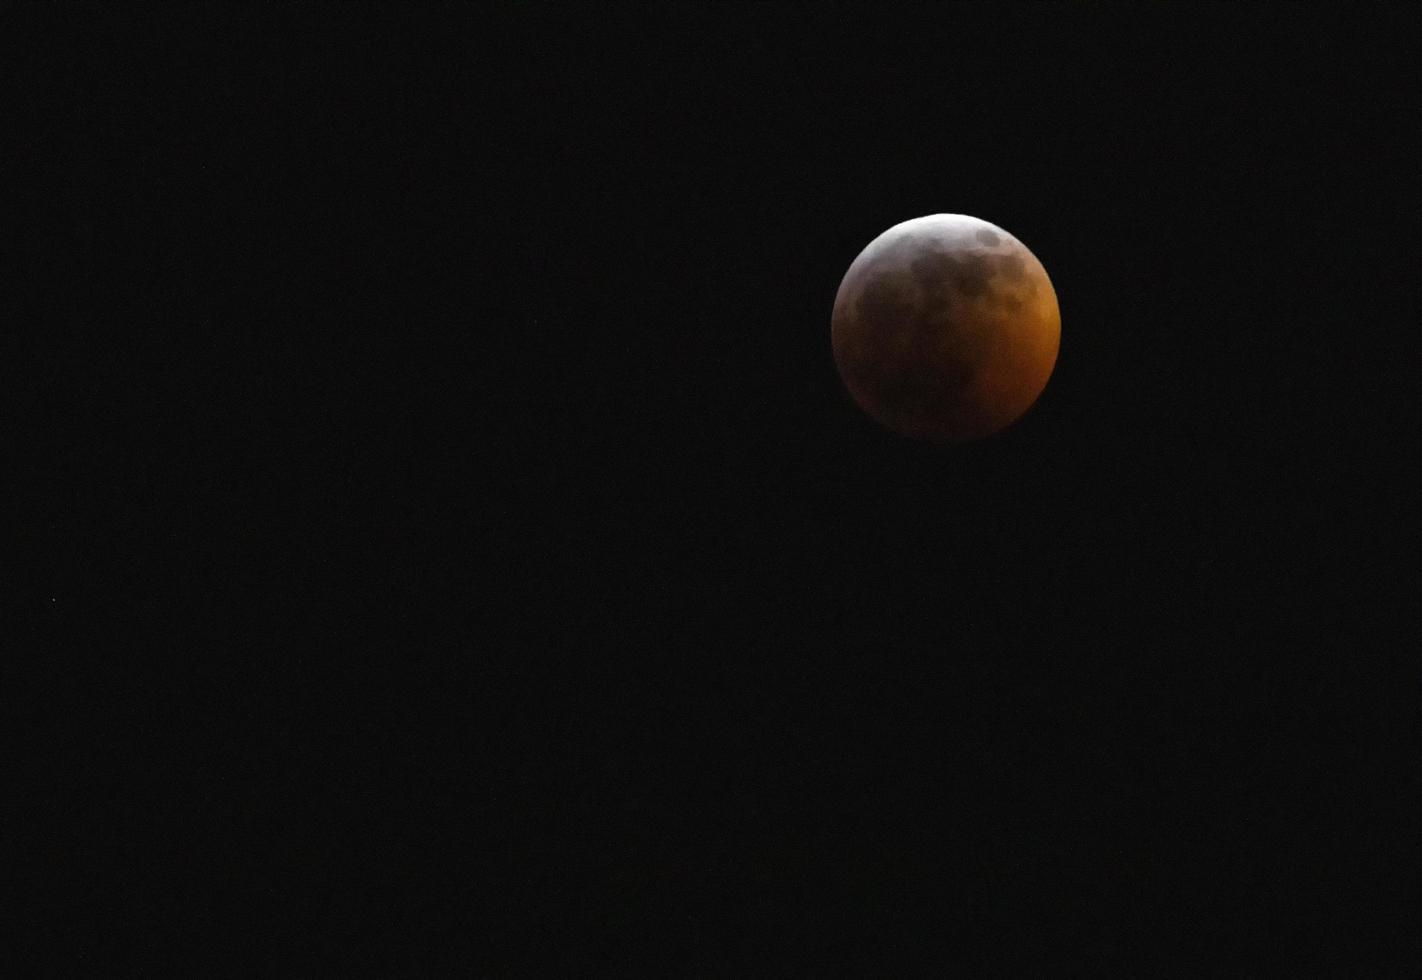 super bloed wolf maan eclips bereikt totaliteit foto